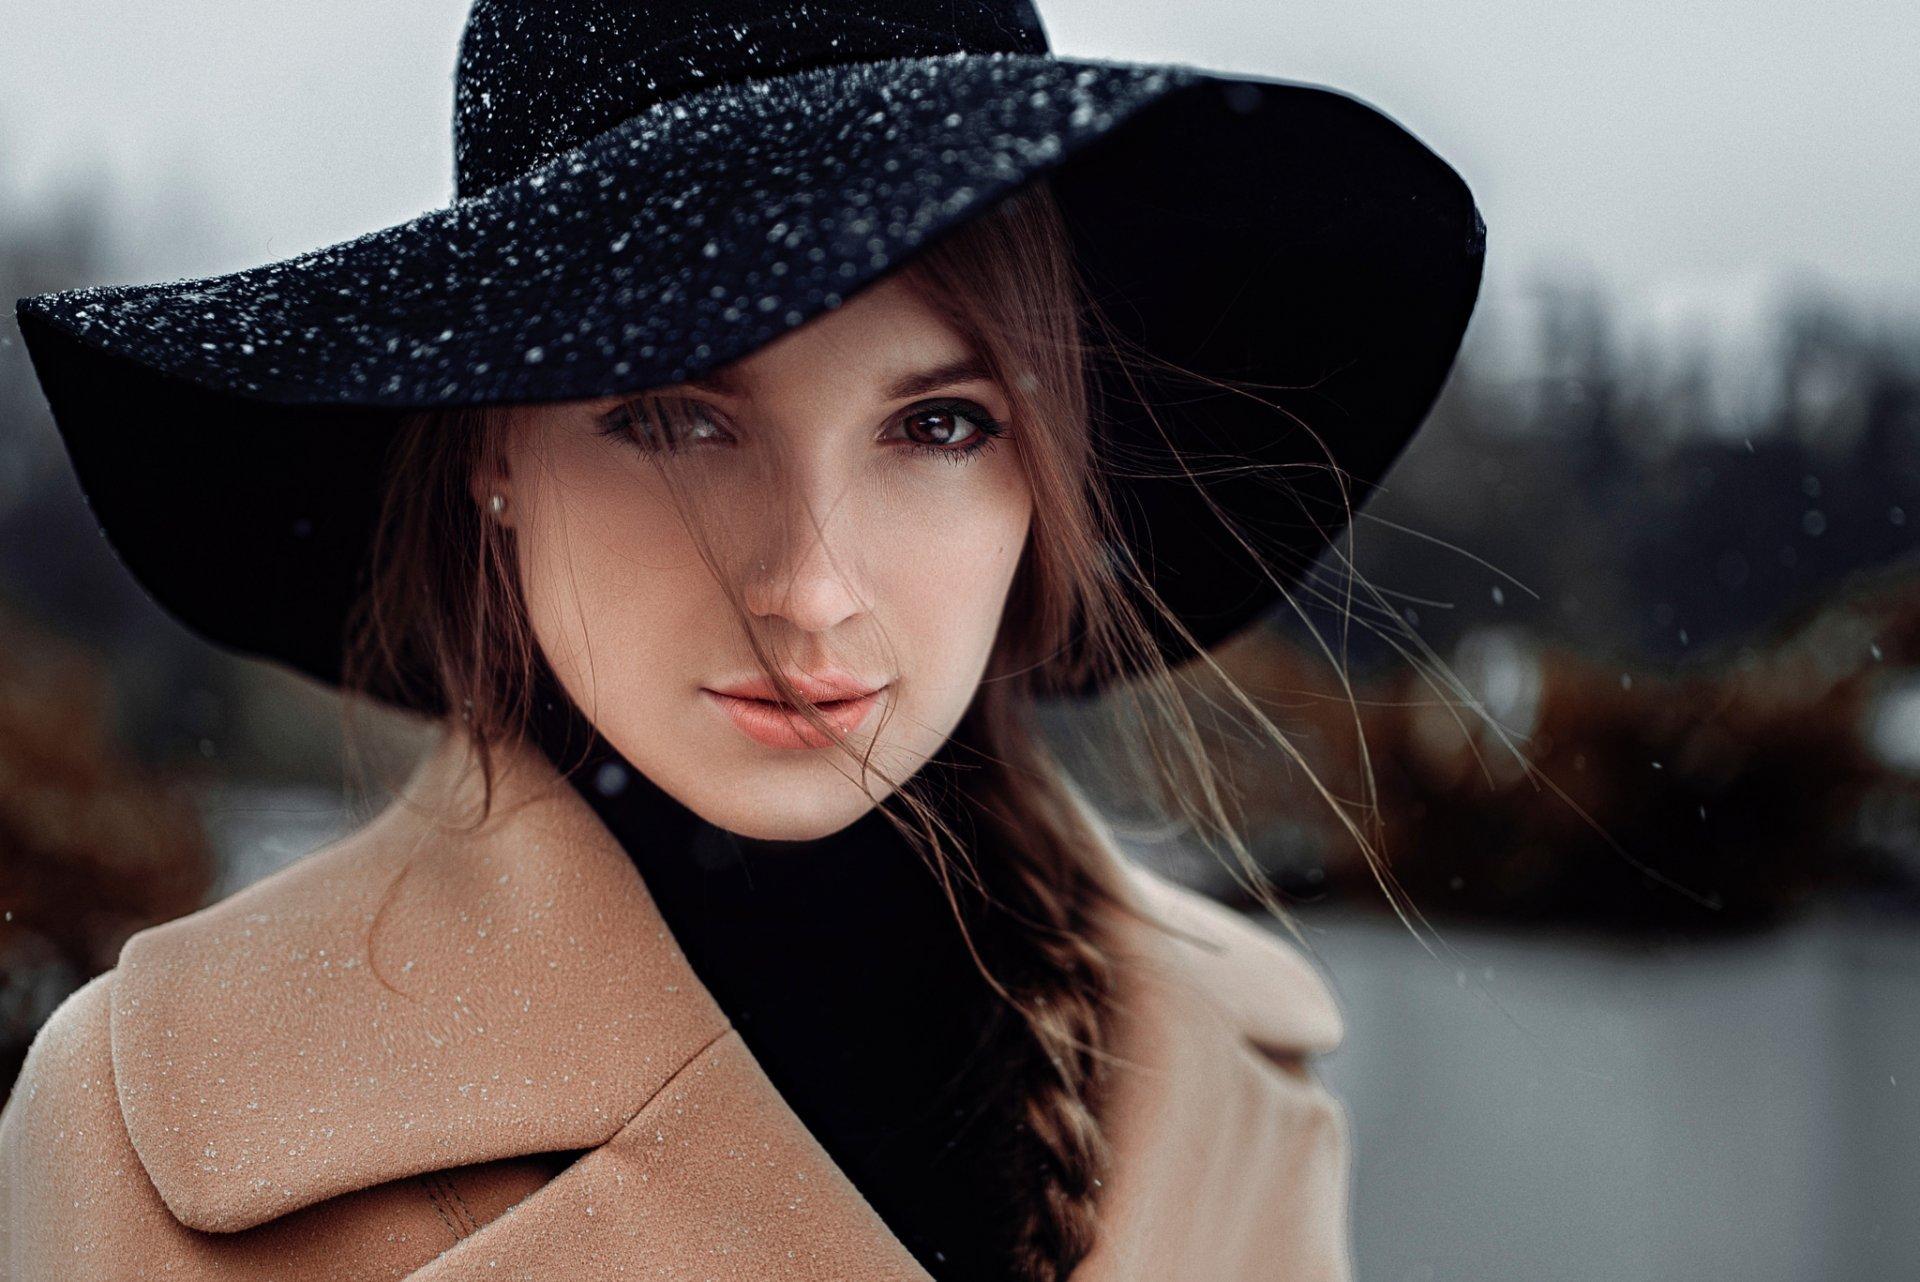 Картинках, картинки дама в шляпе зимой